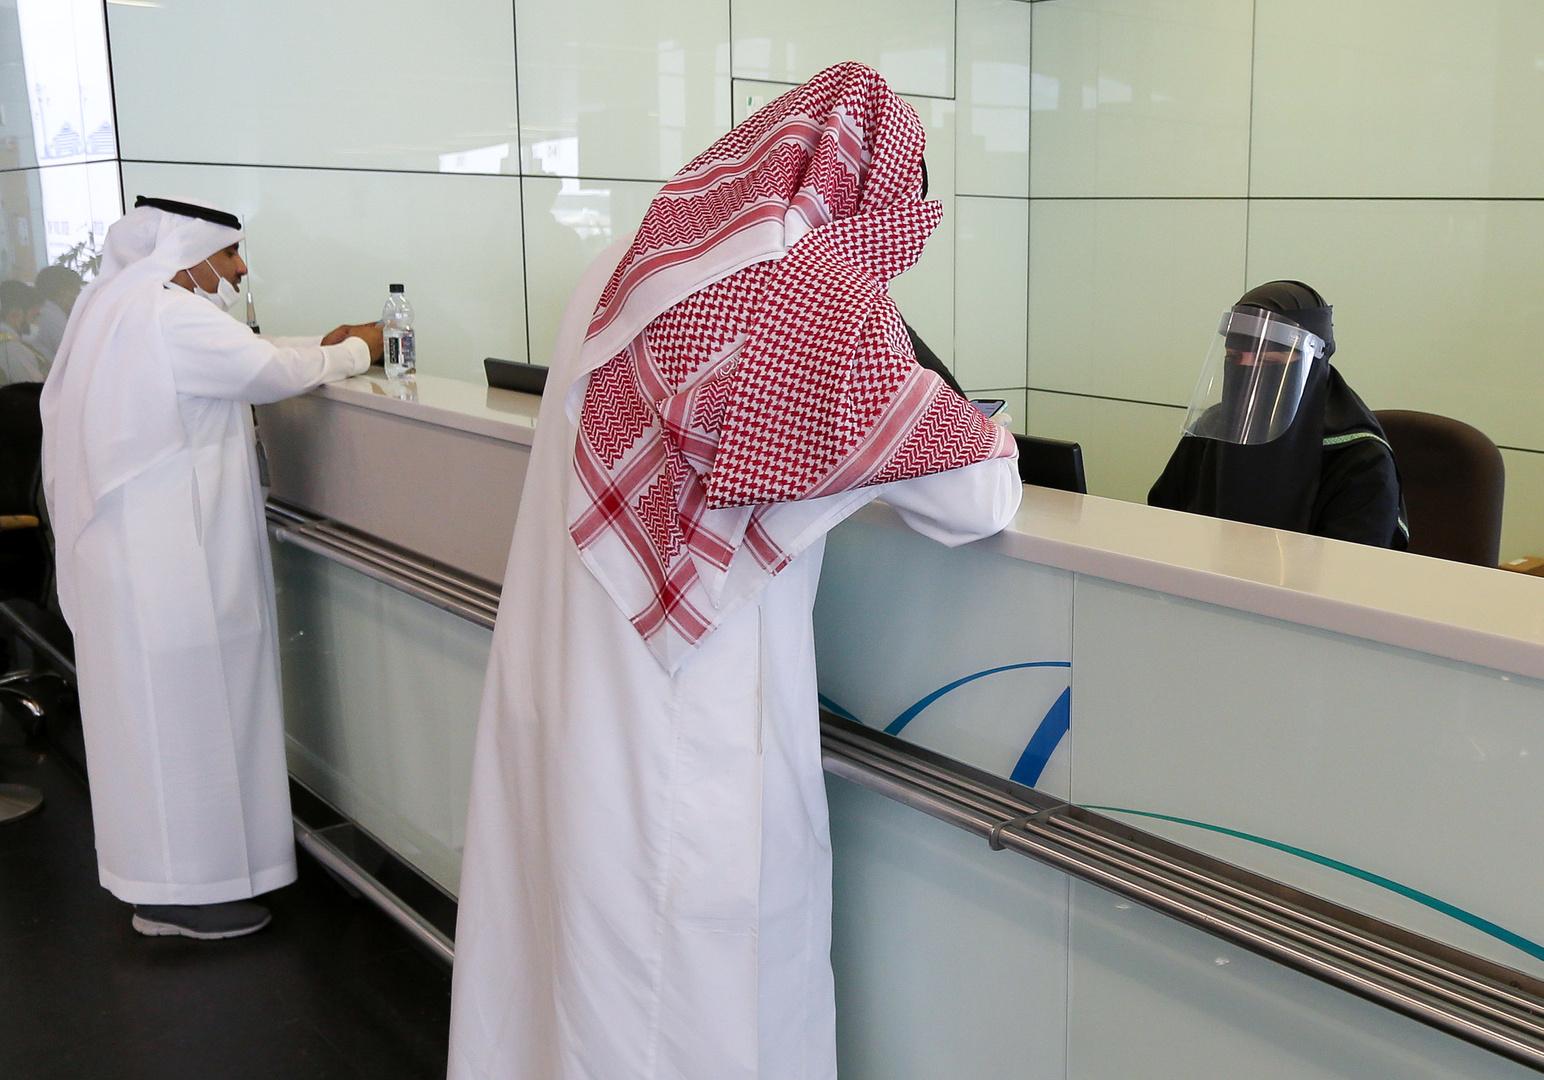 السعودية تحذر مواطنيها من السفر إلى عدد من الدول